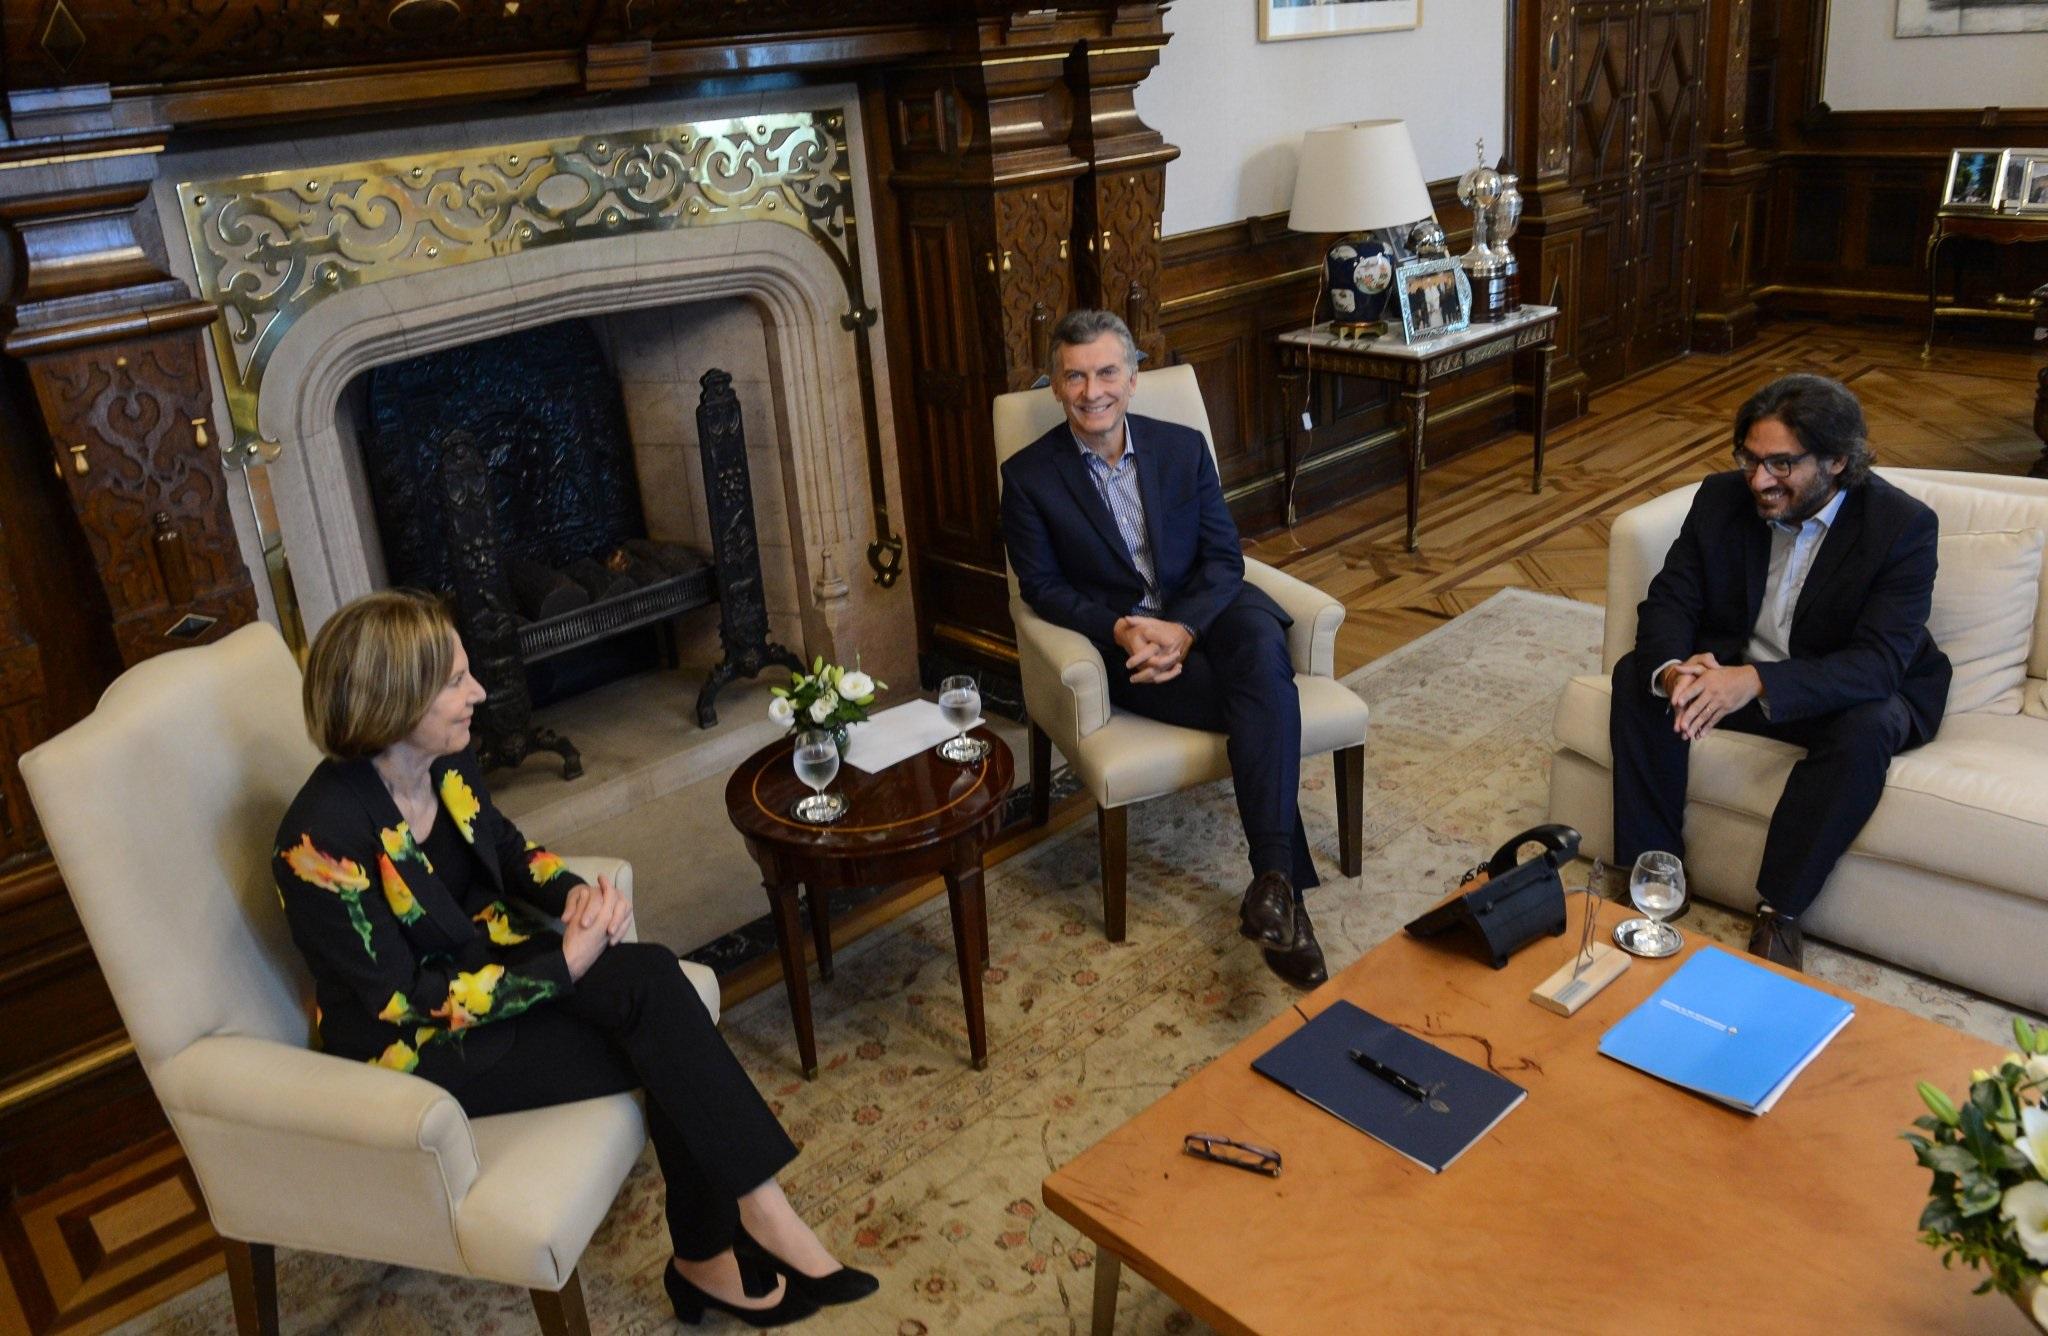 Macri se reunió con Weinberg de Roca y le ofreció formalmente el cargo de Procuradora General de la Nación